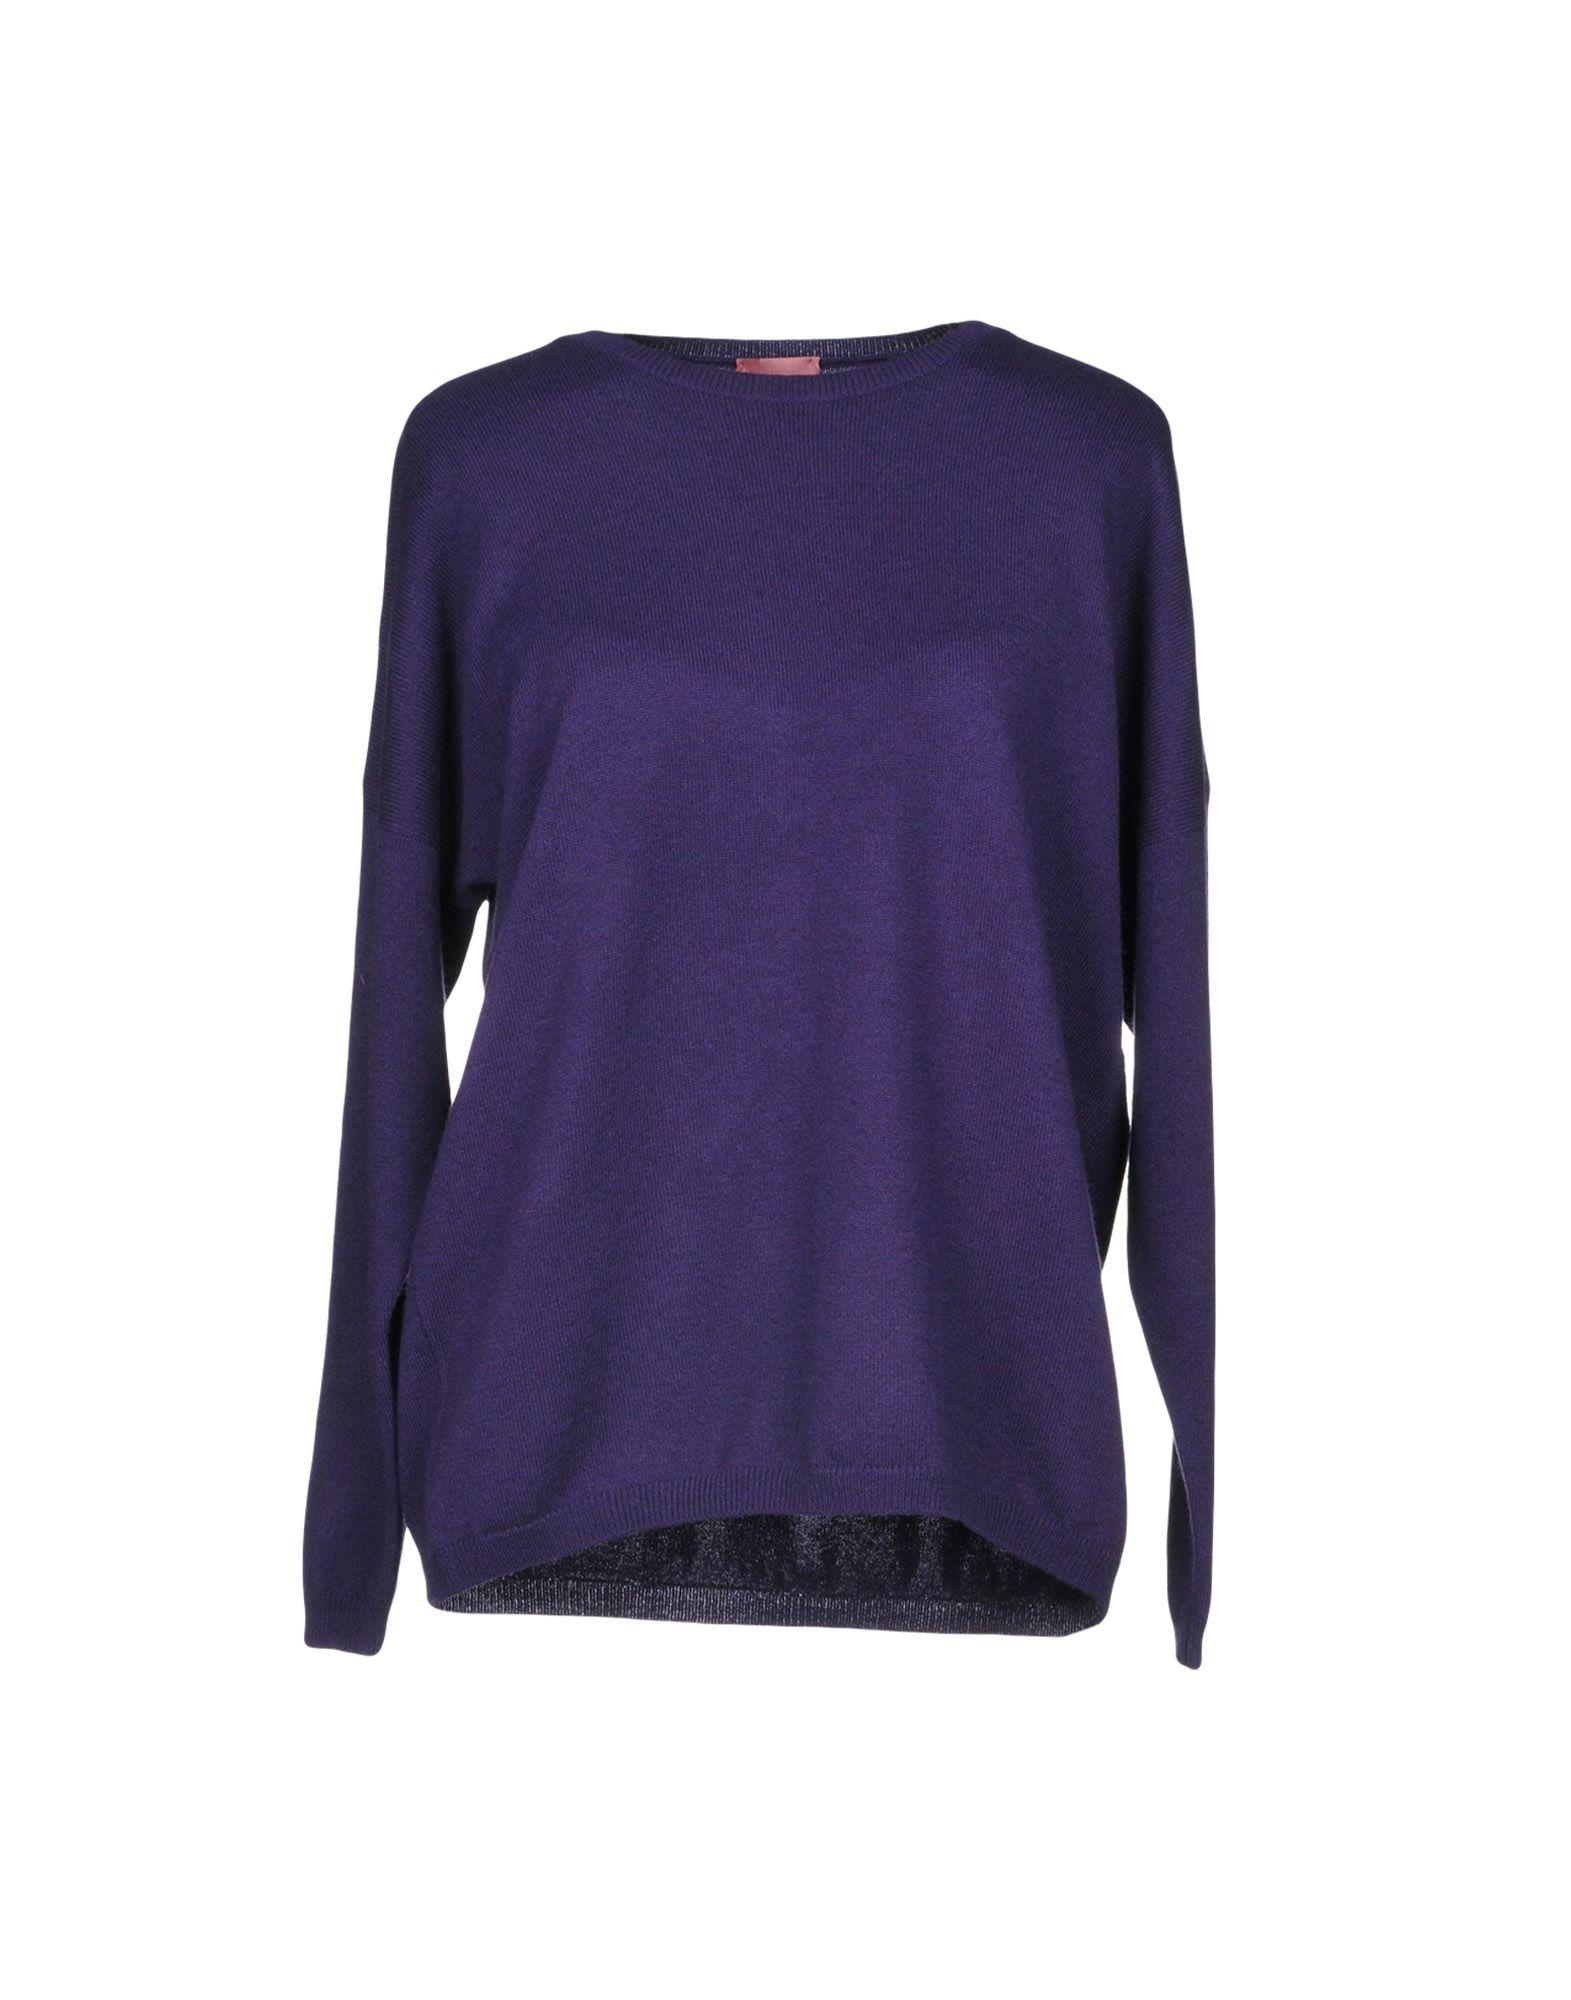 ALYKI Cashmere Blend in Purple